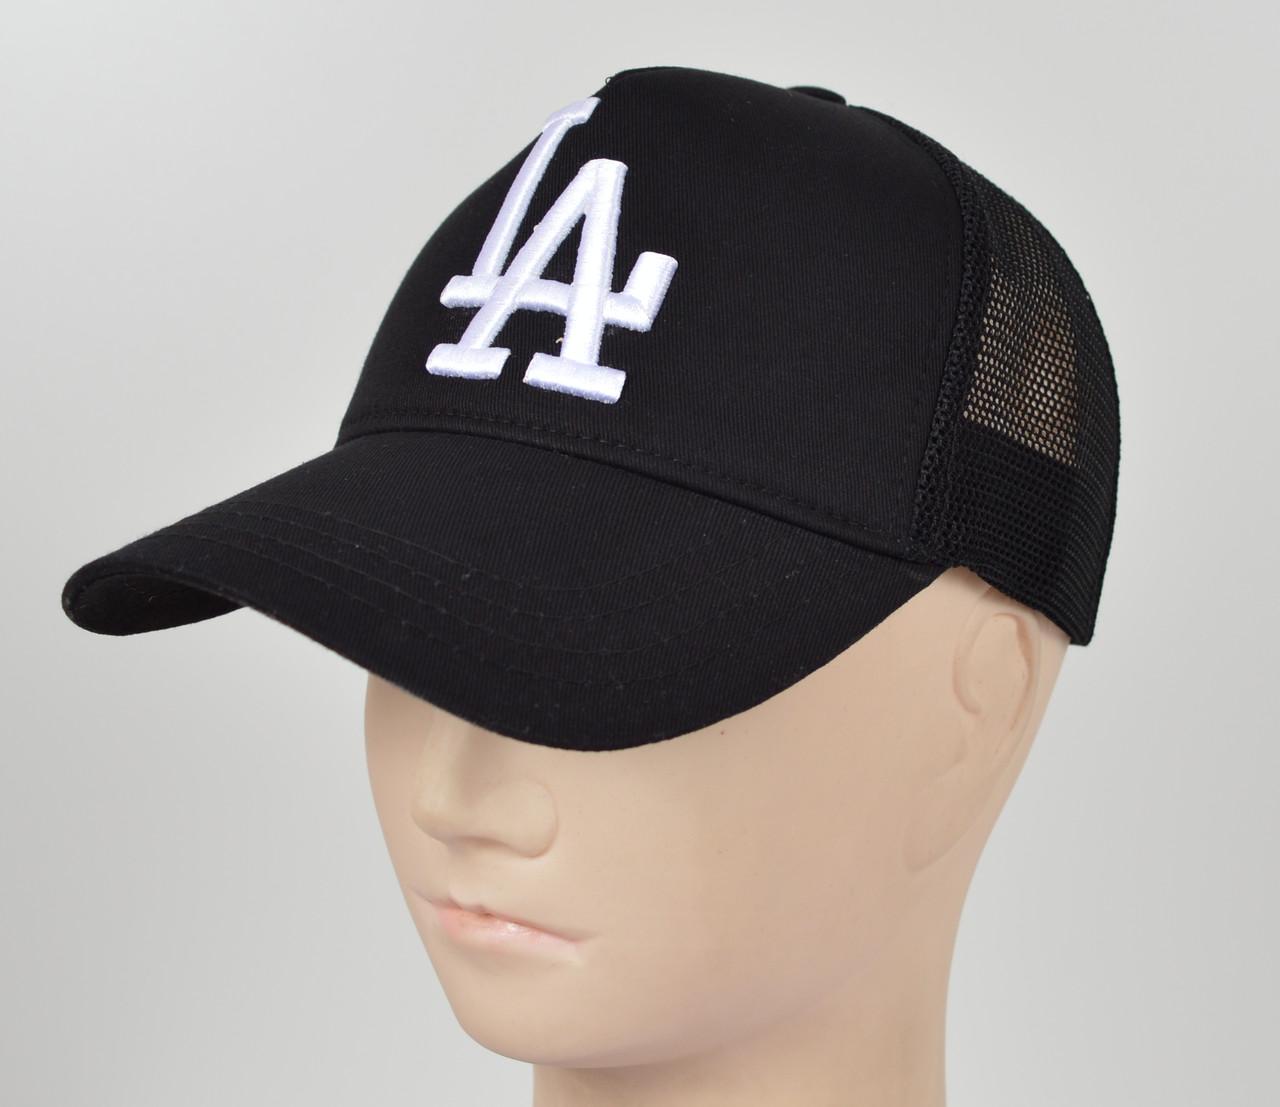 Бейсболка вышивка сетка LA черный